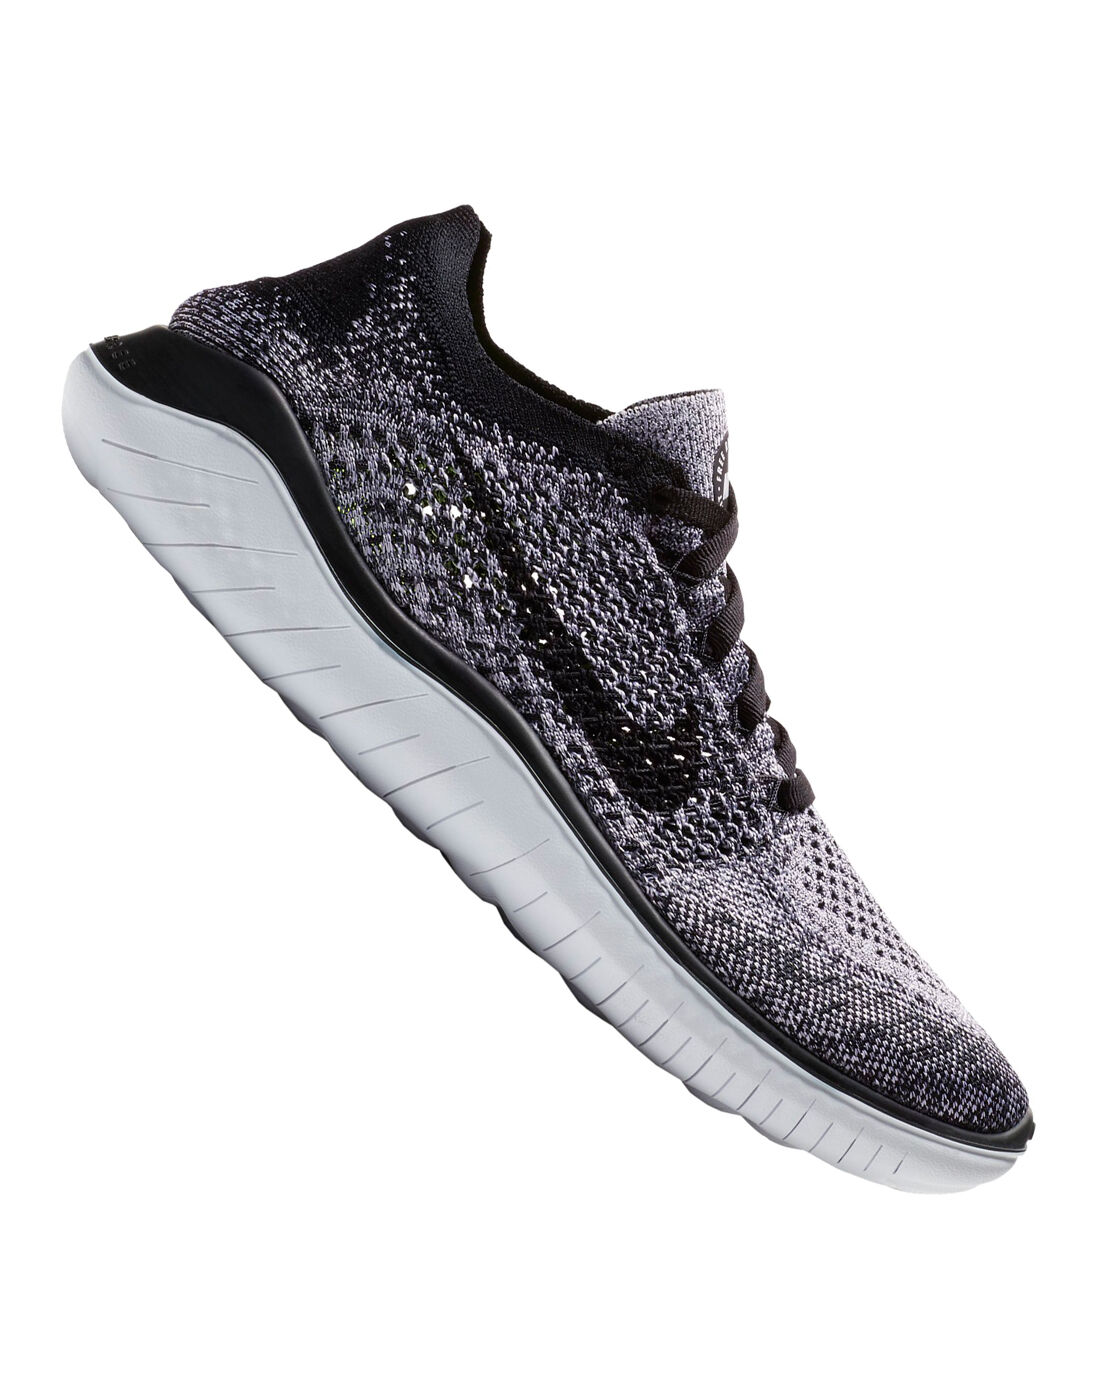 Women's Nike Free Run Flyknit | Black